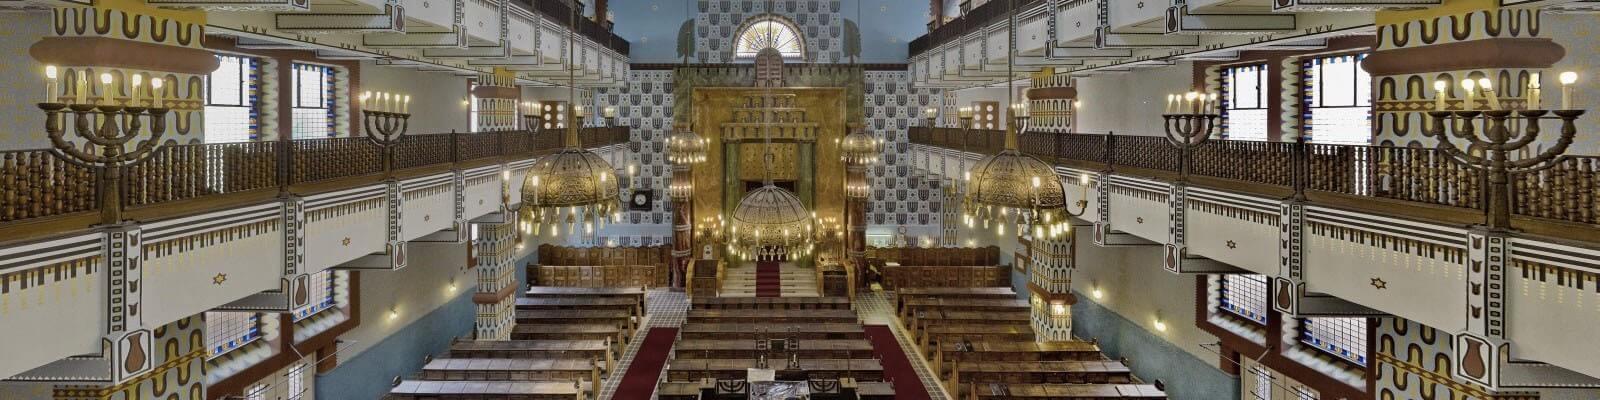 Visiter le quartier juif de Budapest ; une expérience à part avec Ditta, guide attitrée